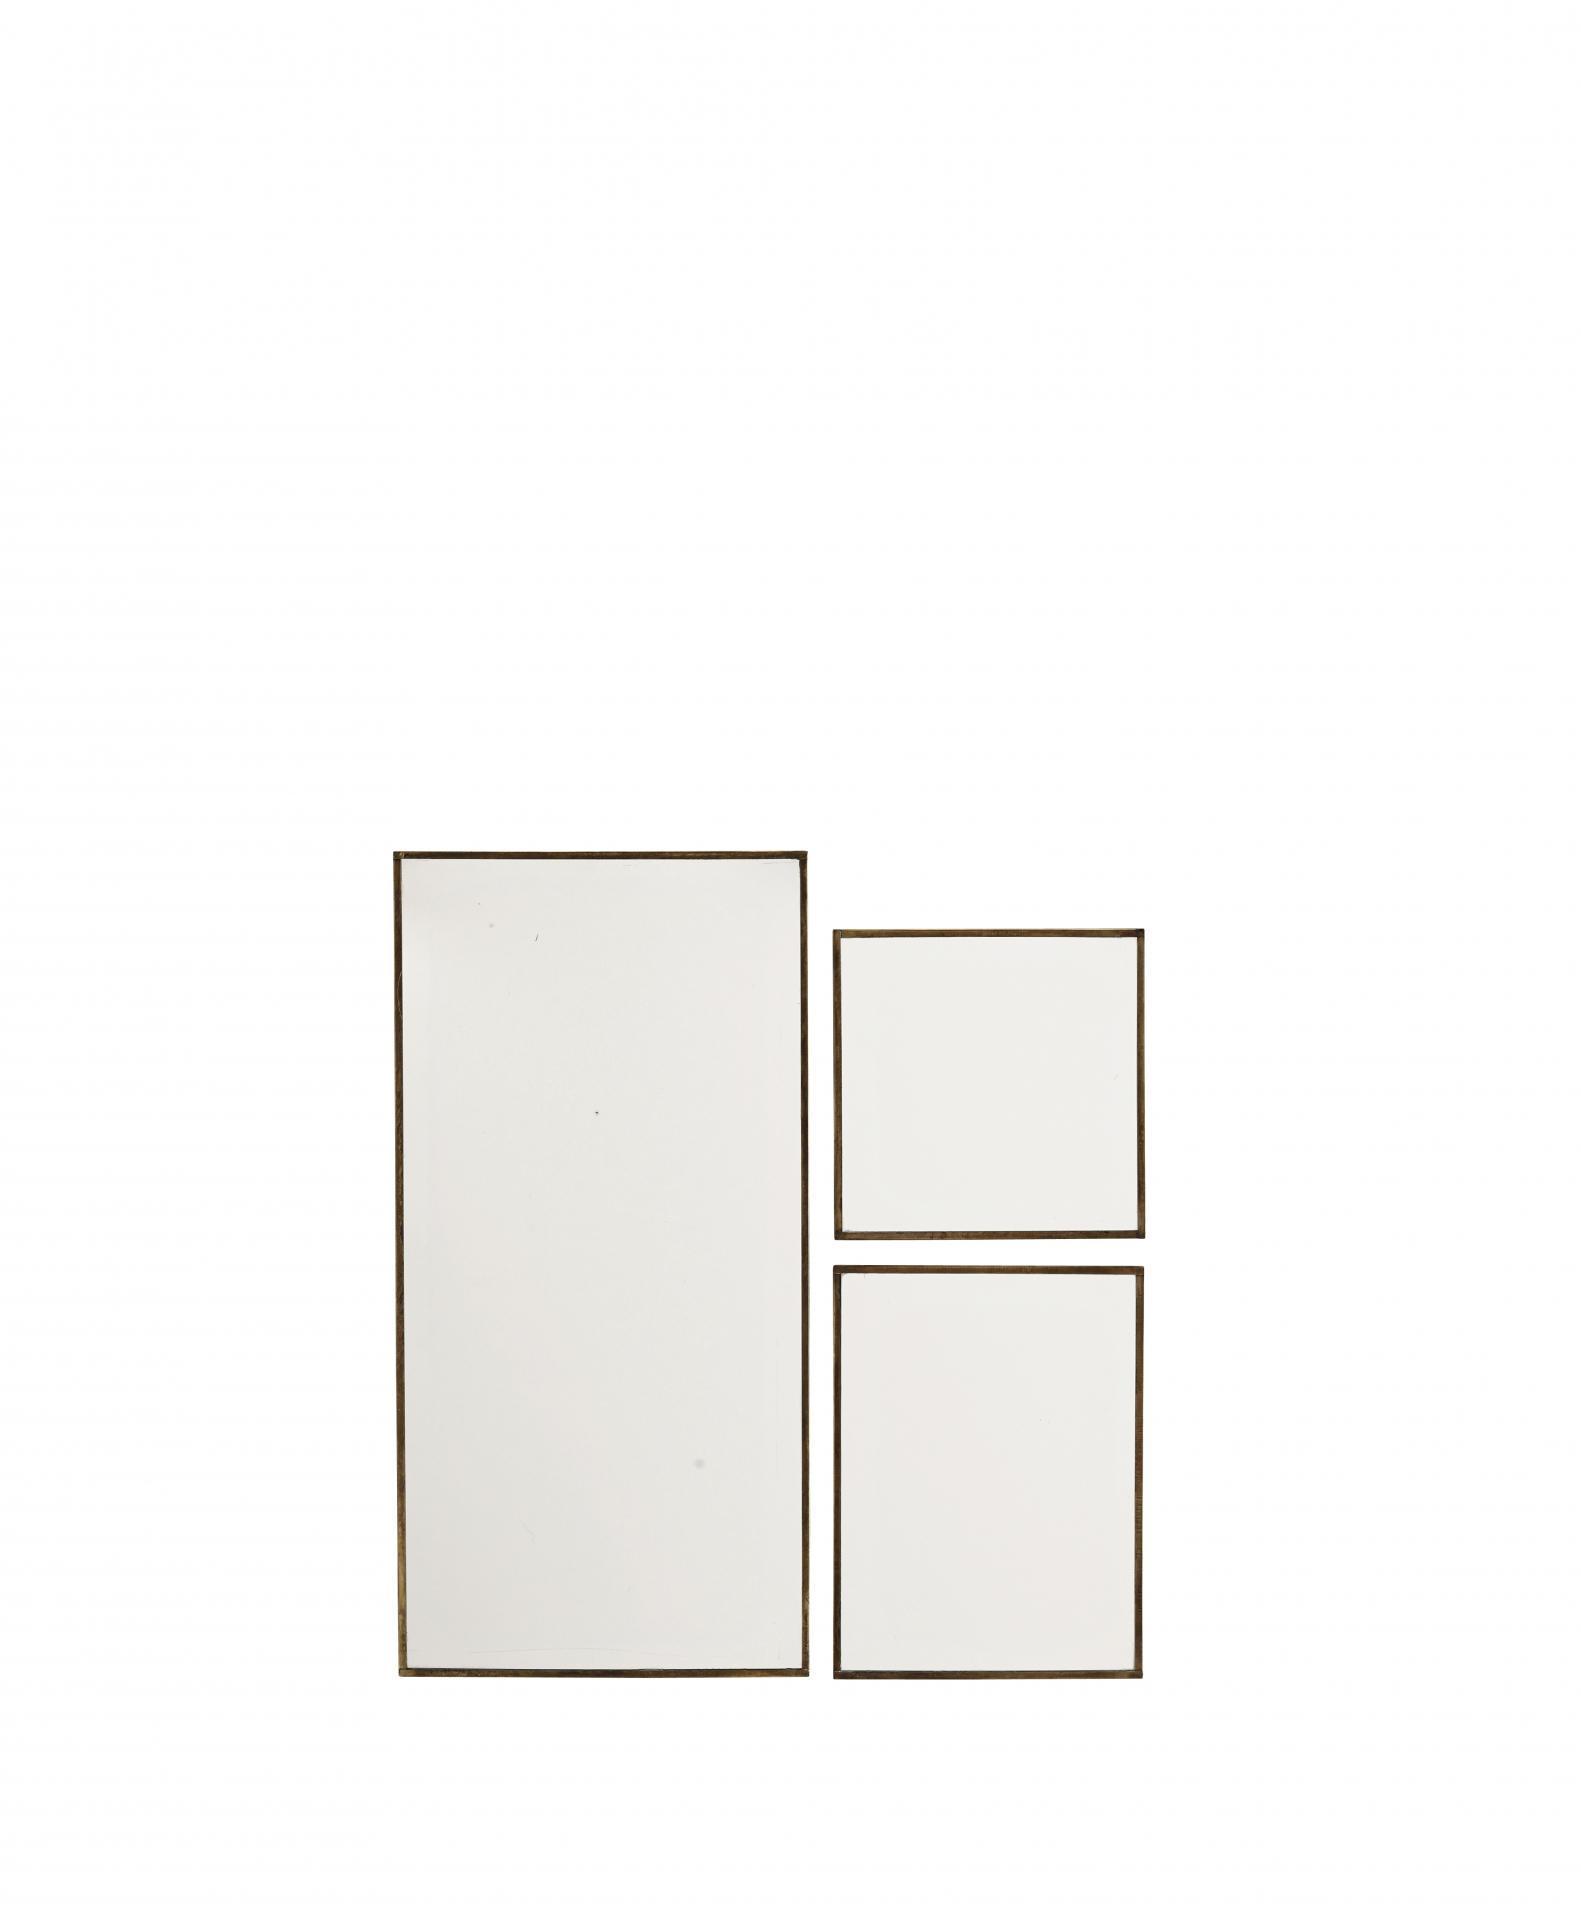 MADAM STOLTZ Závěsné zrcadlo Antique Brass Velikost S, zlatá barva, čirá barva, sklo, kov